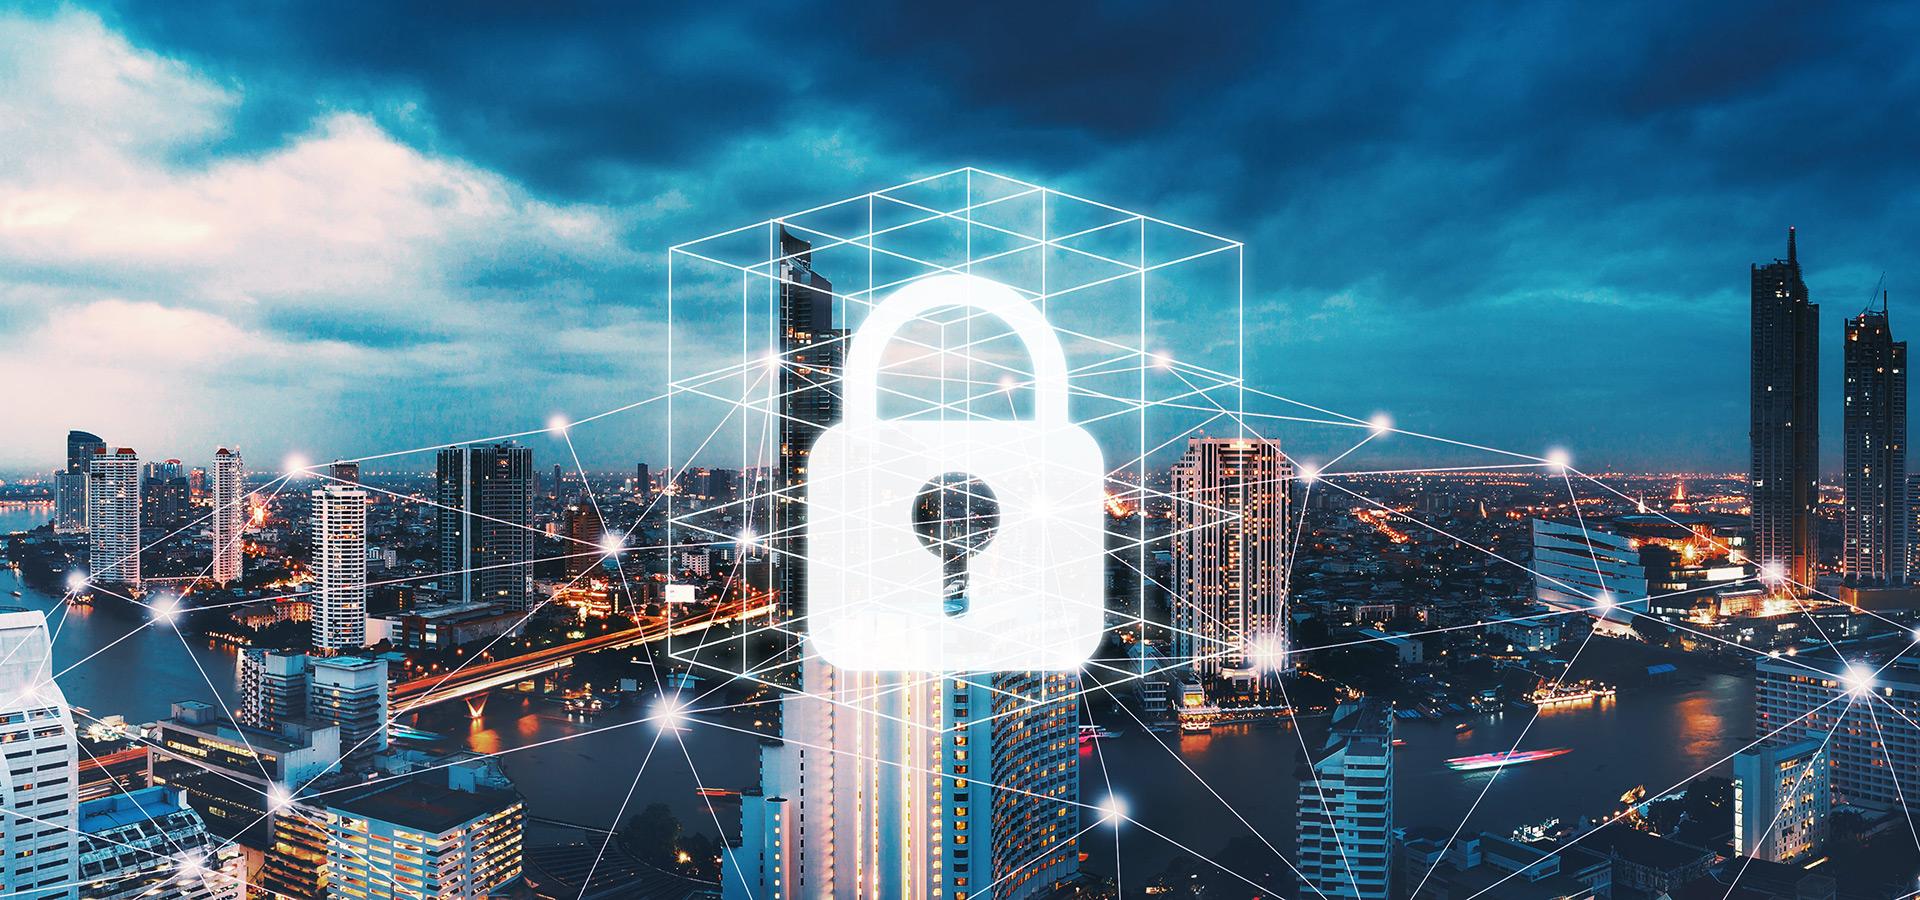 Digitalisierung: 7 spannende StartUps im Bereich Cyber Security